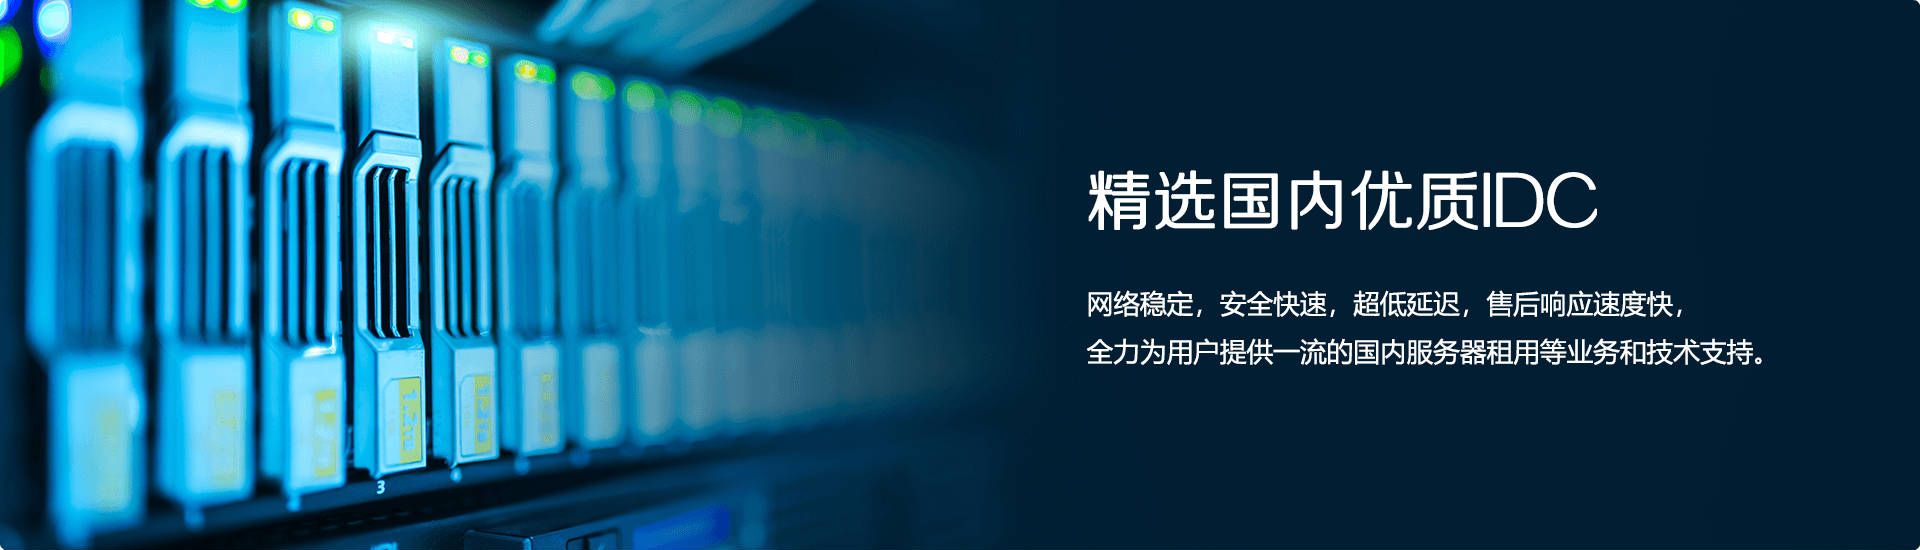 香港防攻亚搏娱乐网站特惠